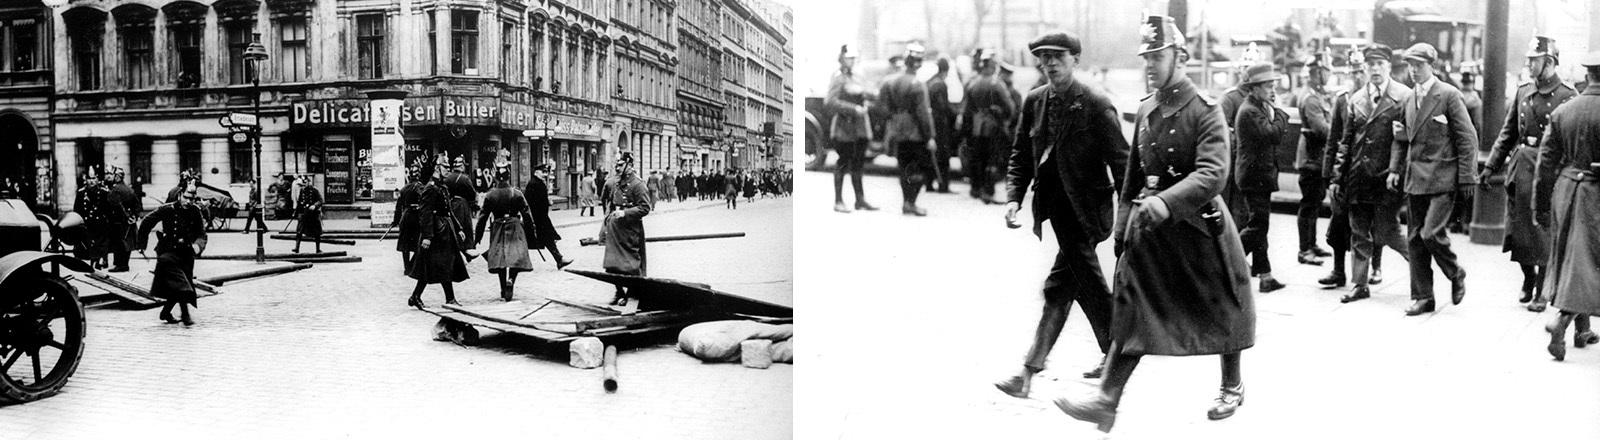 Polizisten entfernen eine von den Kommunisten errichtete Barrikade von einer Berliner Straße. Im Hintergrund eine auseinandergetriebene Gruppe von Demonstranten während der Maifeier 1929 (links). Festgenommene Demonstranten der von Unruhen begleiteten Maifeier 1929 in Berlin werden von Polizisten abgeführt (rechts).